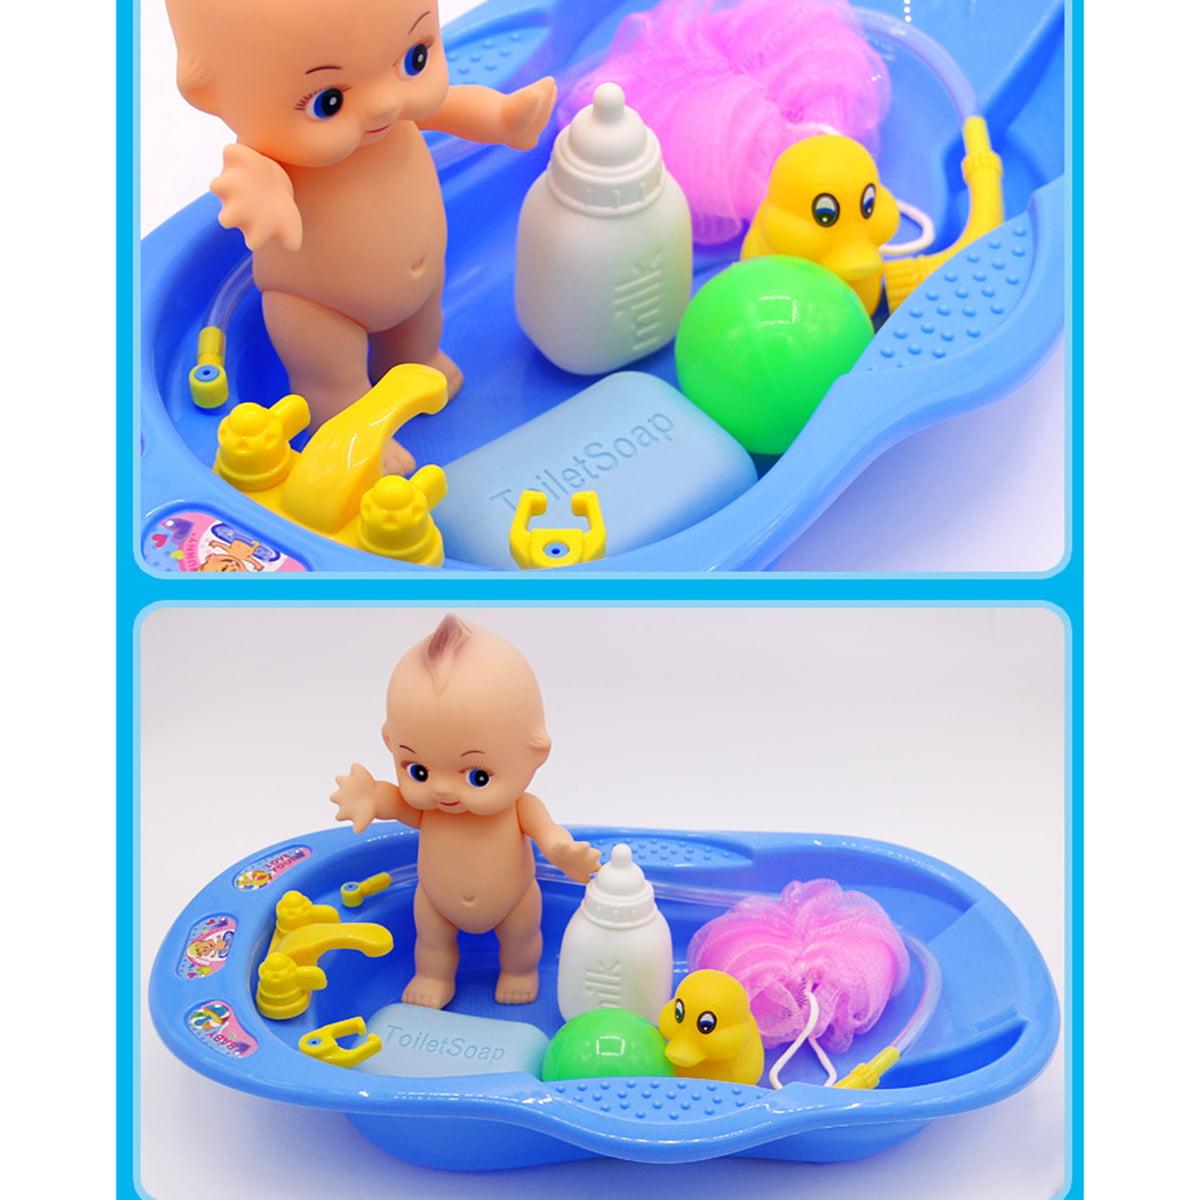 Outgeek Baby Shower Toys Bath Toy Set Baby Doll Pretend Play Bathtub ...